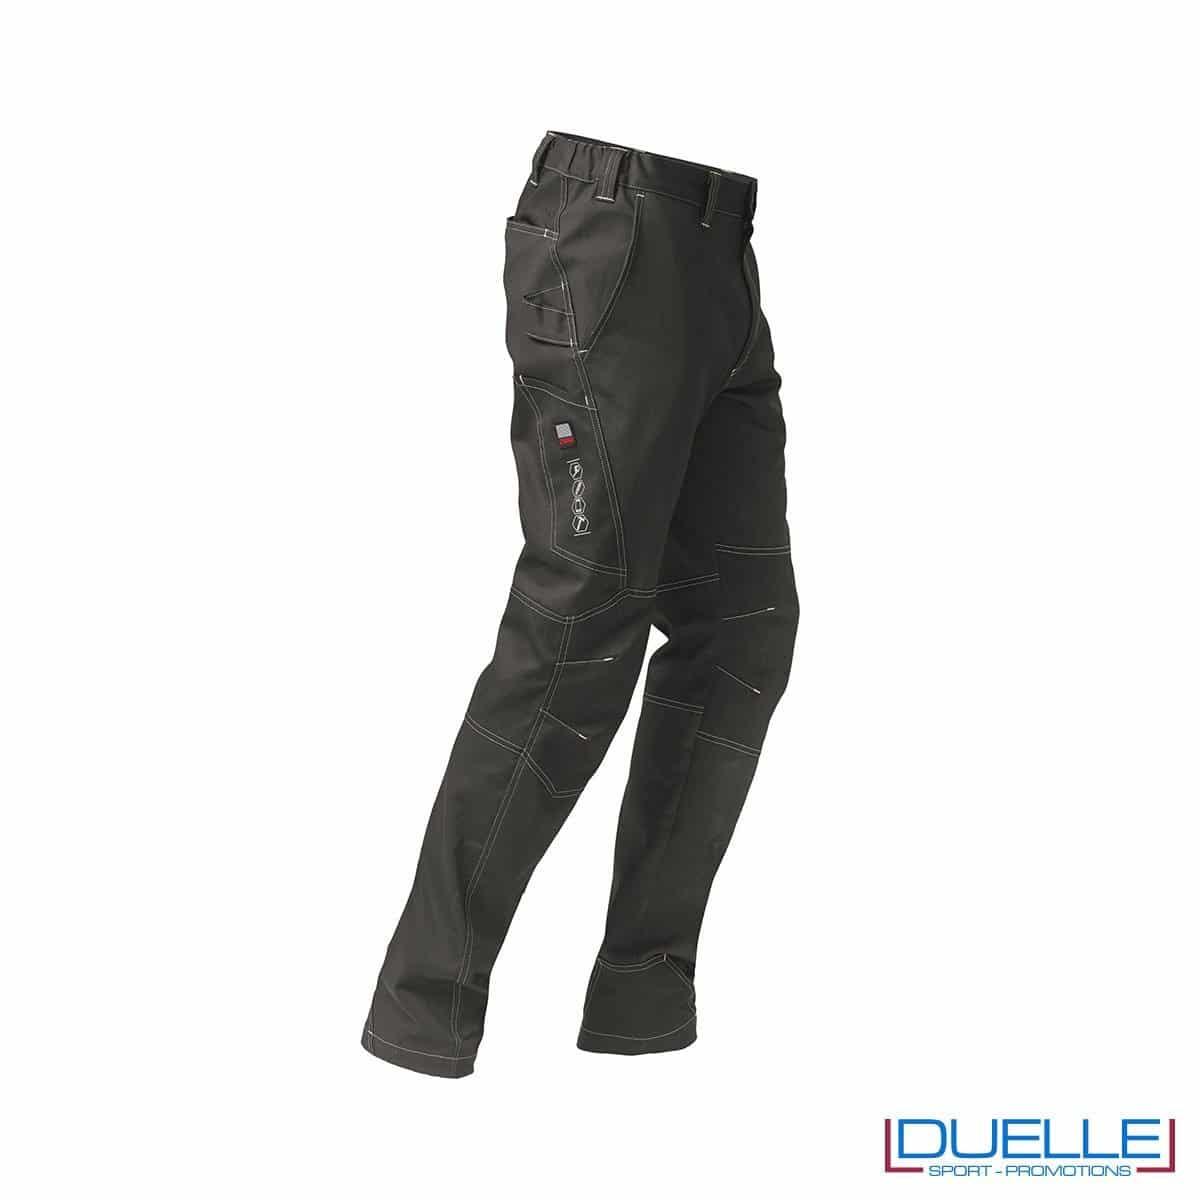 Pantalone perofessionale personalizzato in colore grigio vista 3/4